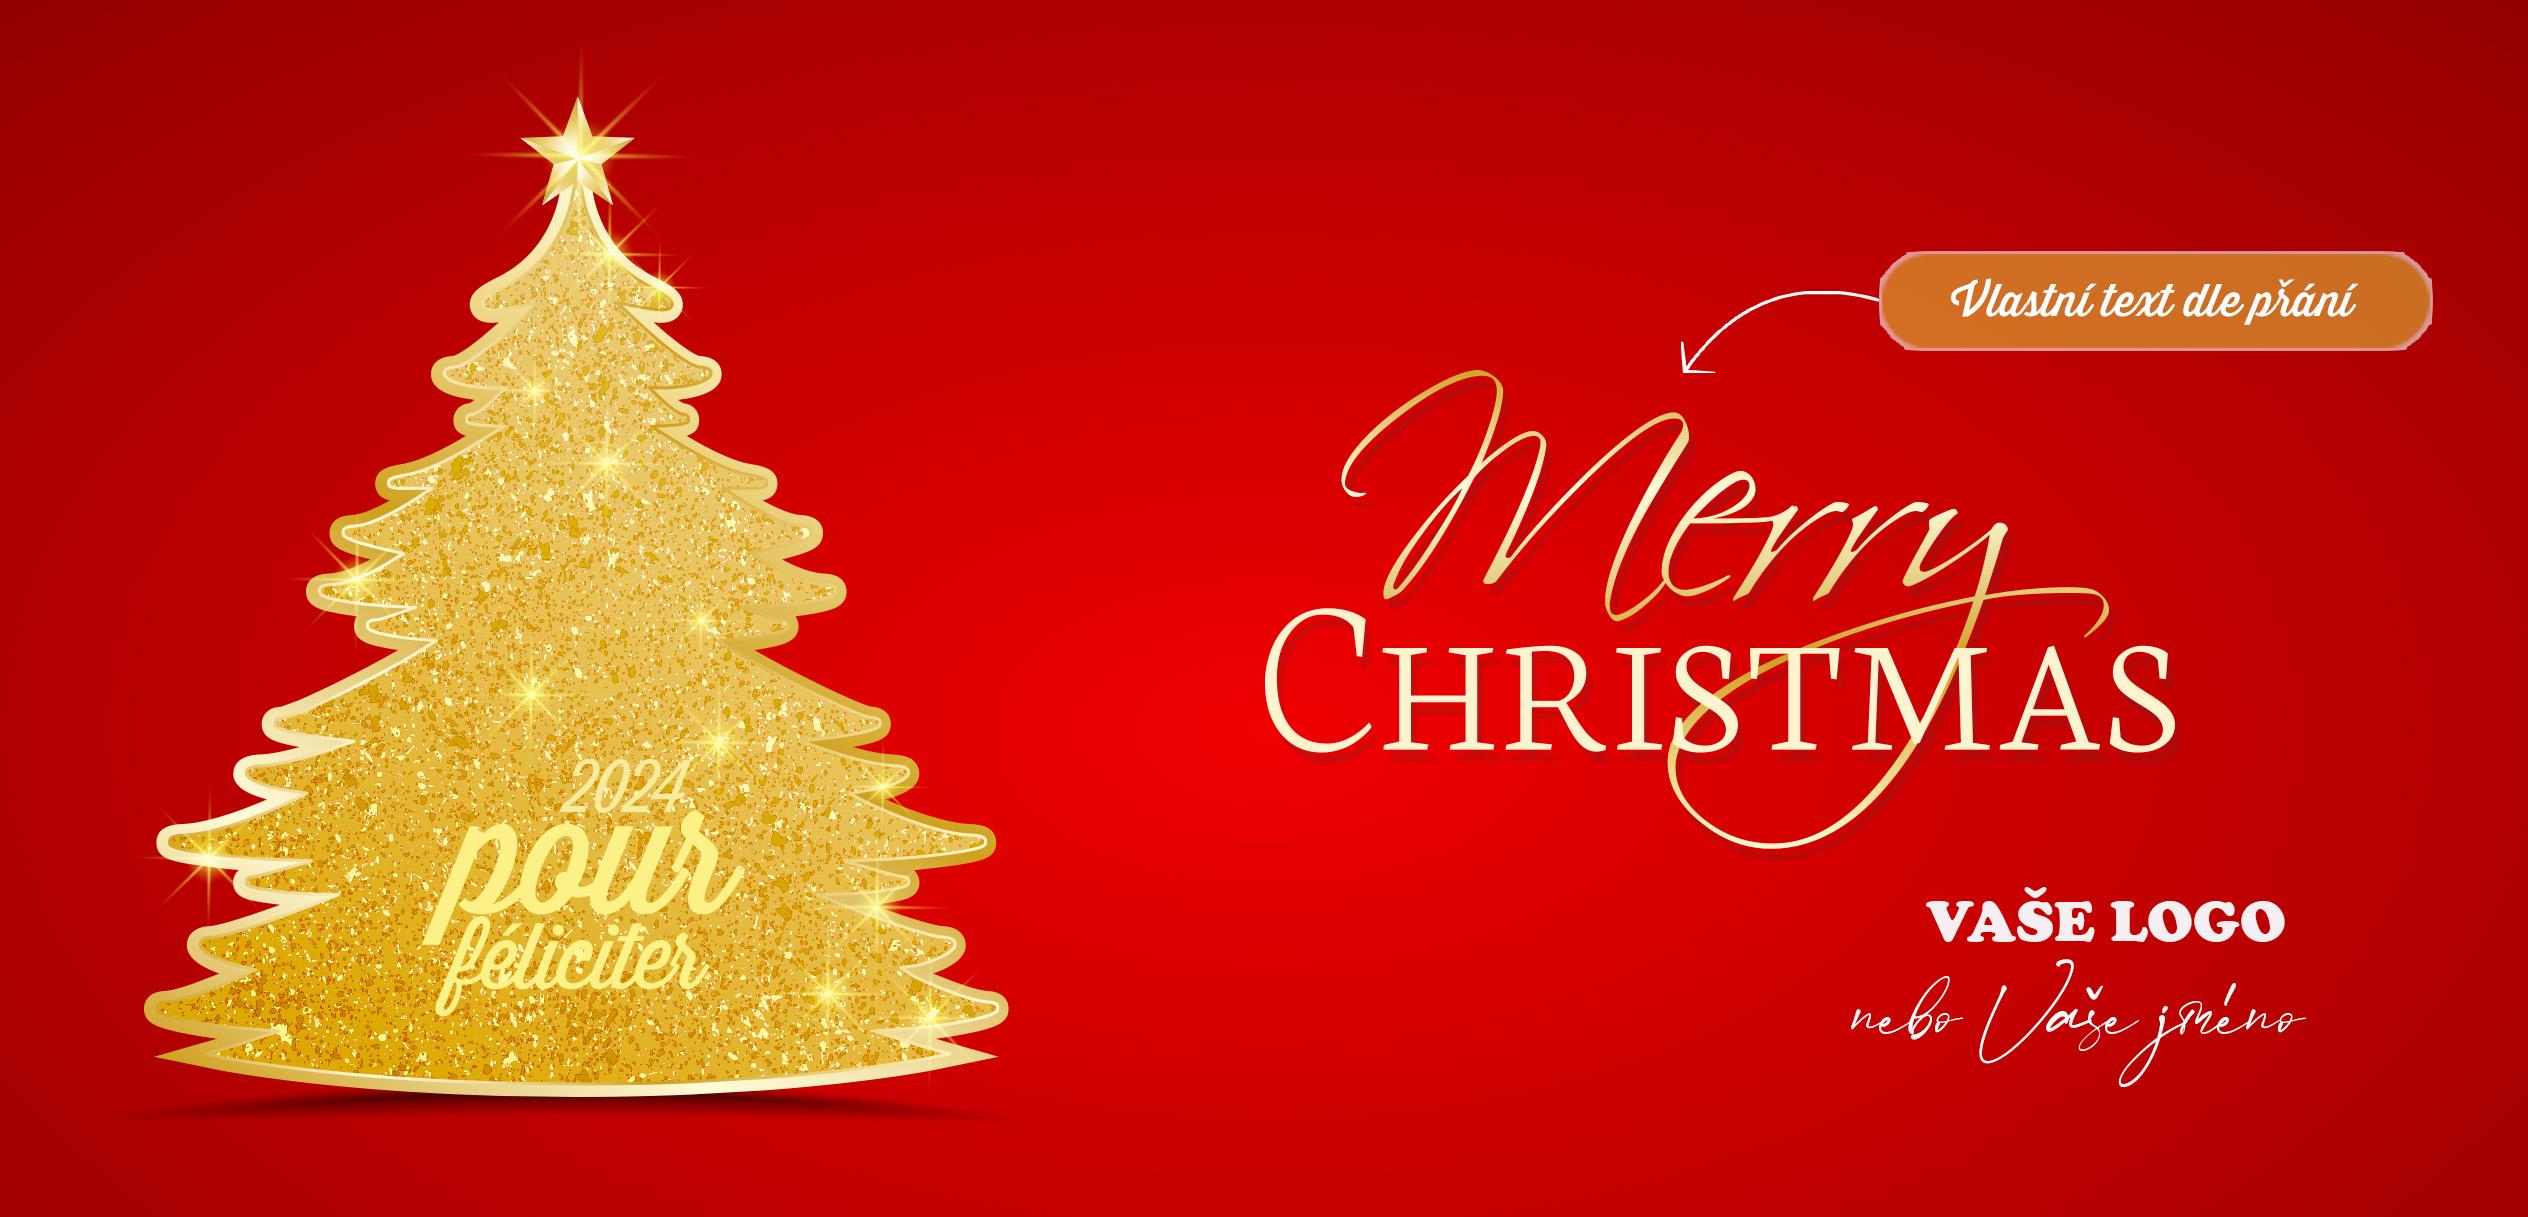 Zlatý vánoční stromeček na červeném pozadí novoročenky ladí s každým firemním logem.